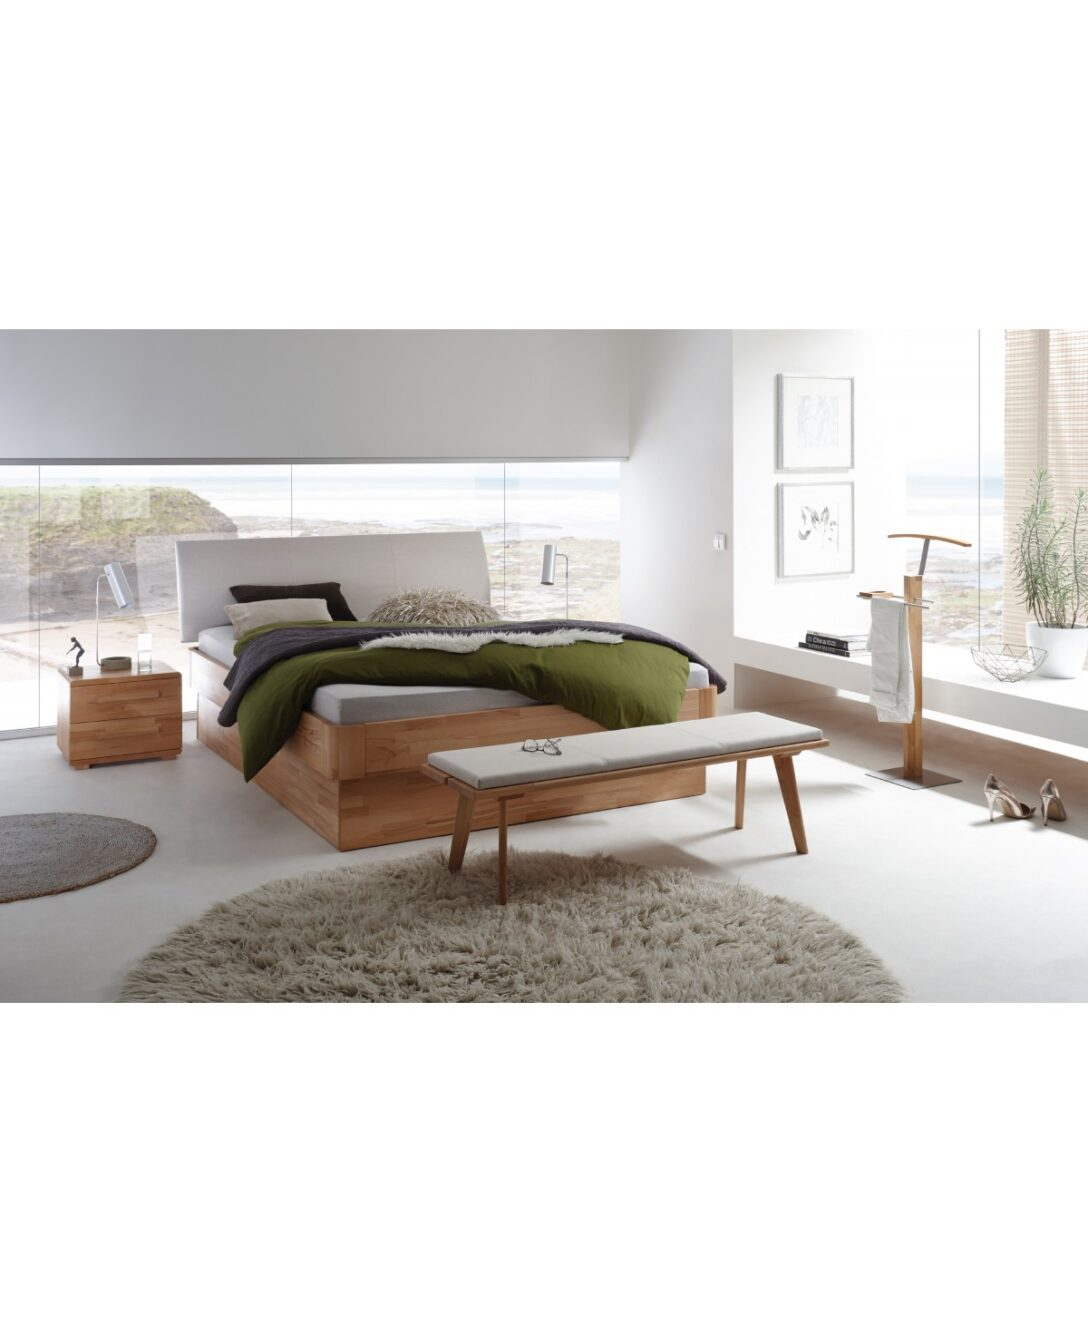 Large Size of Bett 200x200 Weiß Stauraum Mit Bettkasten Komforthöhe Betten Wohnzimmer Stauraumbett 200x200